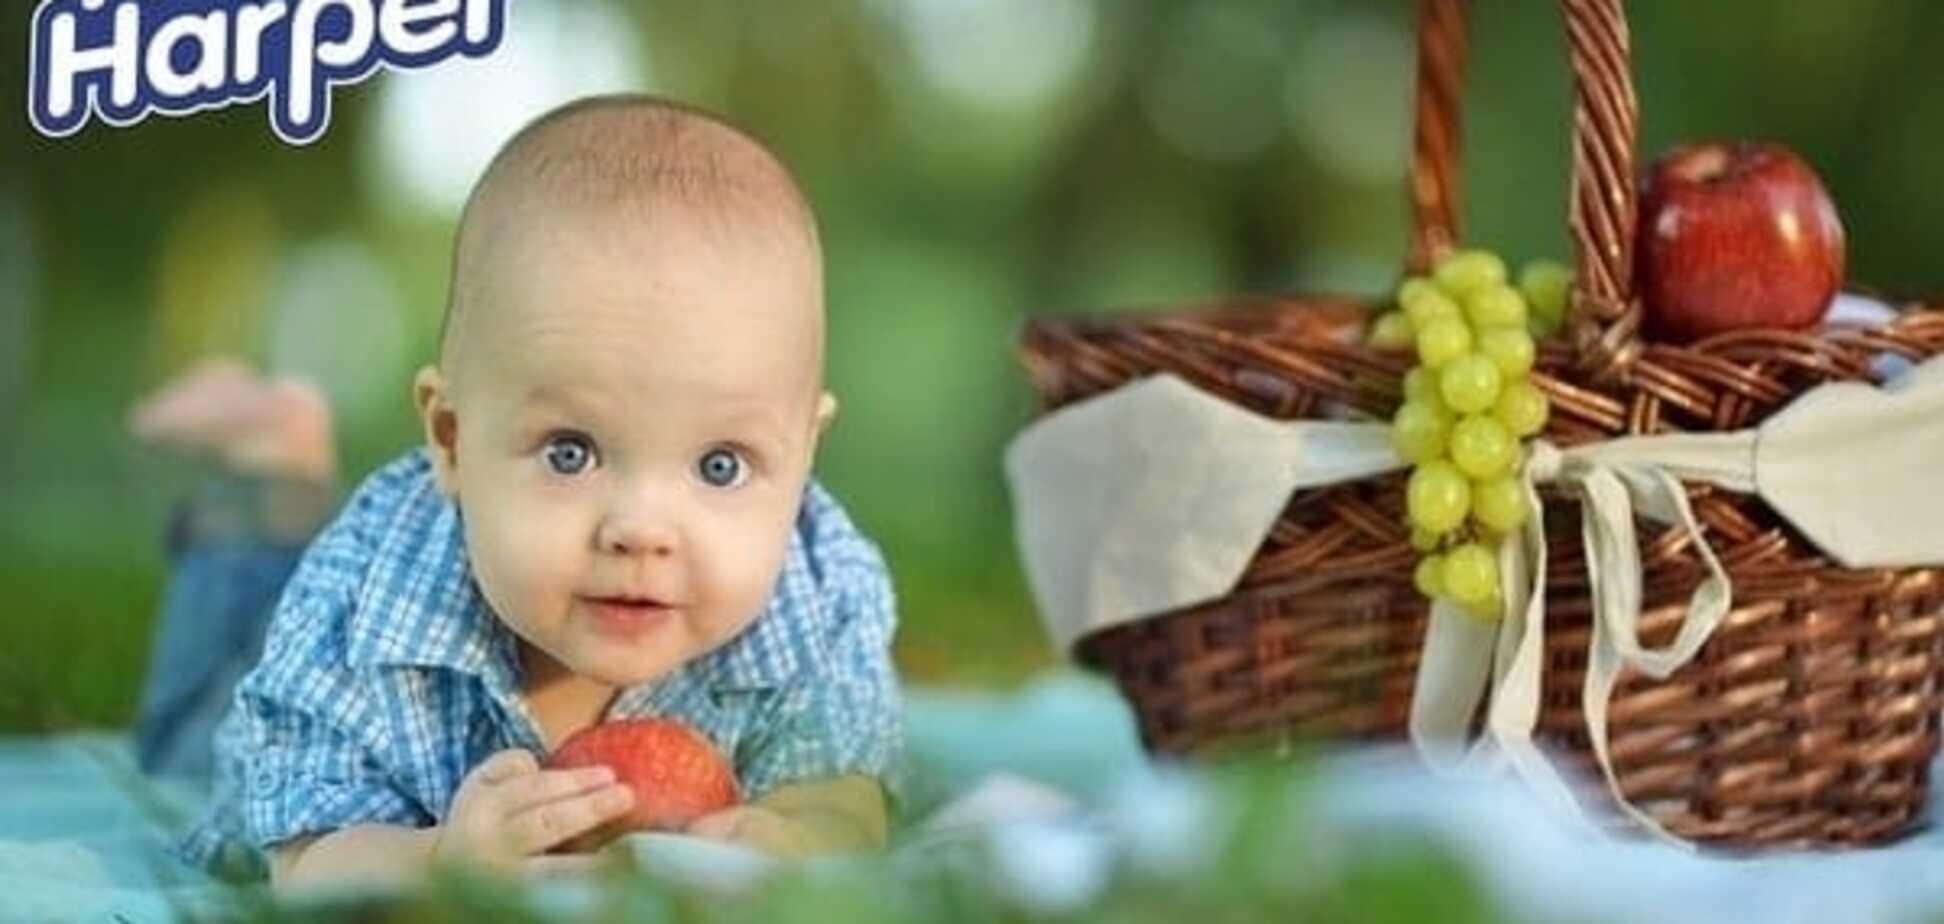 На пикник с малышом, или что положить в сумку для прогулки